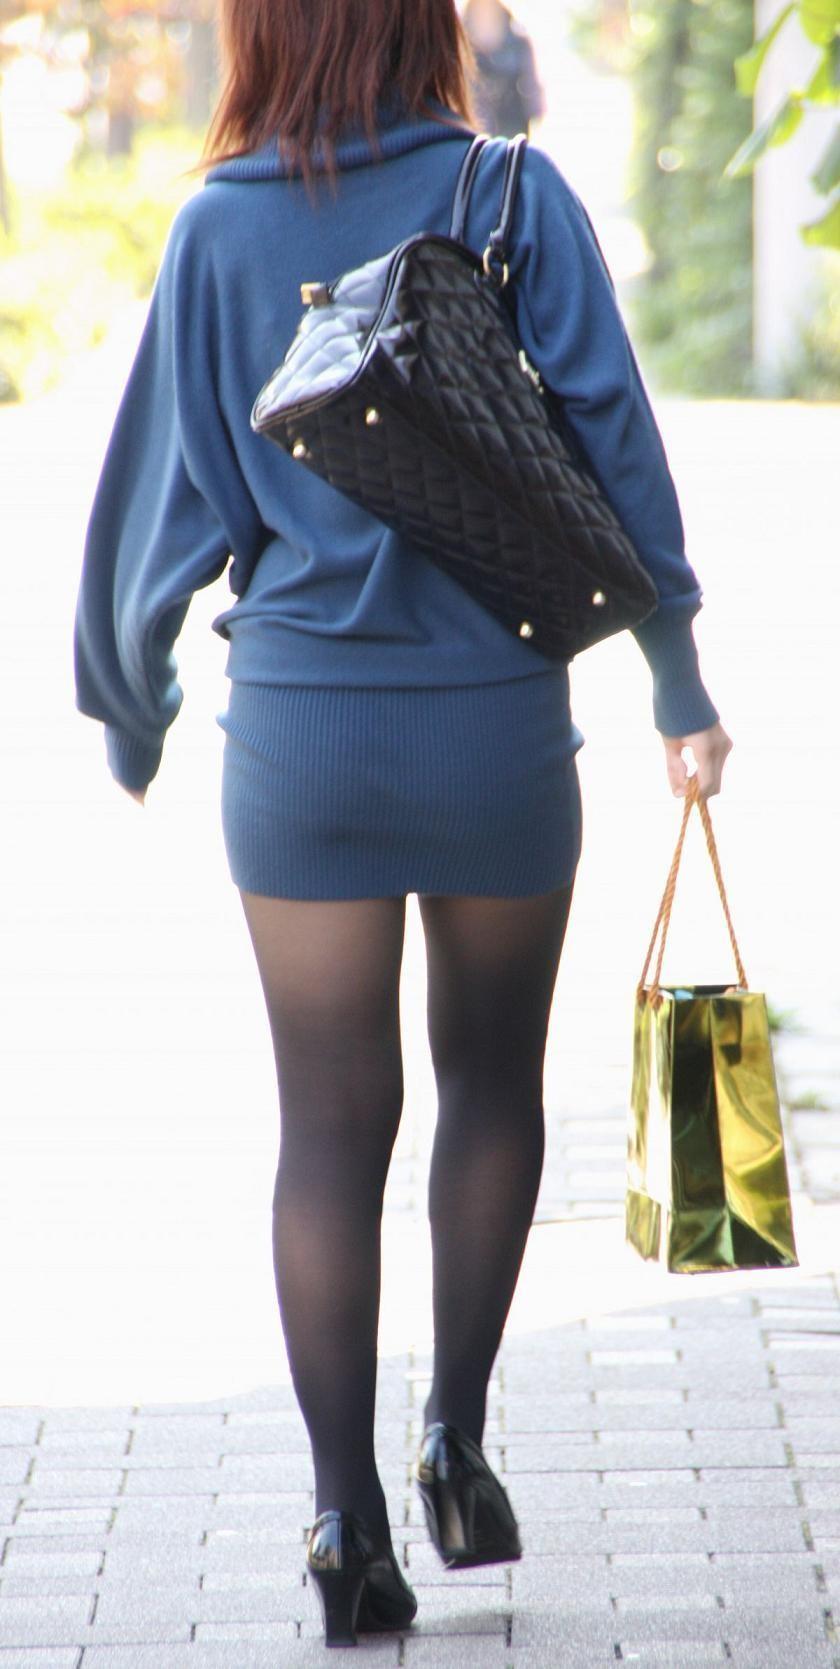 【着尻エロ画像】服着てるのに形がこんなに…見てる方が恥ずかしい街角美尻www 14